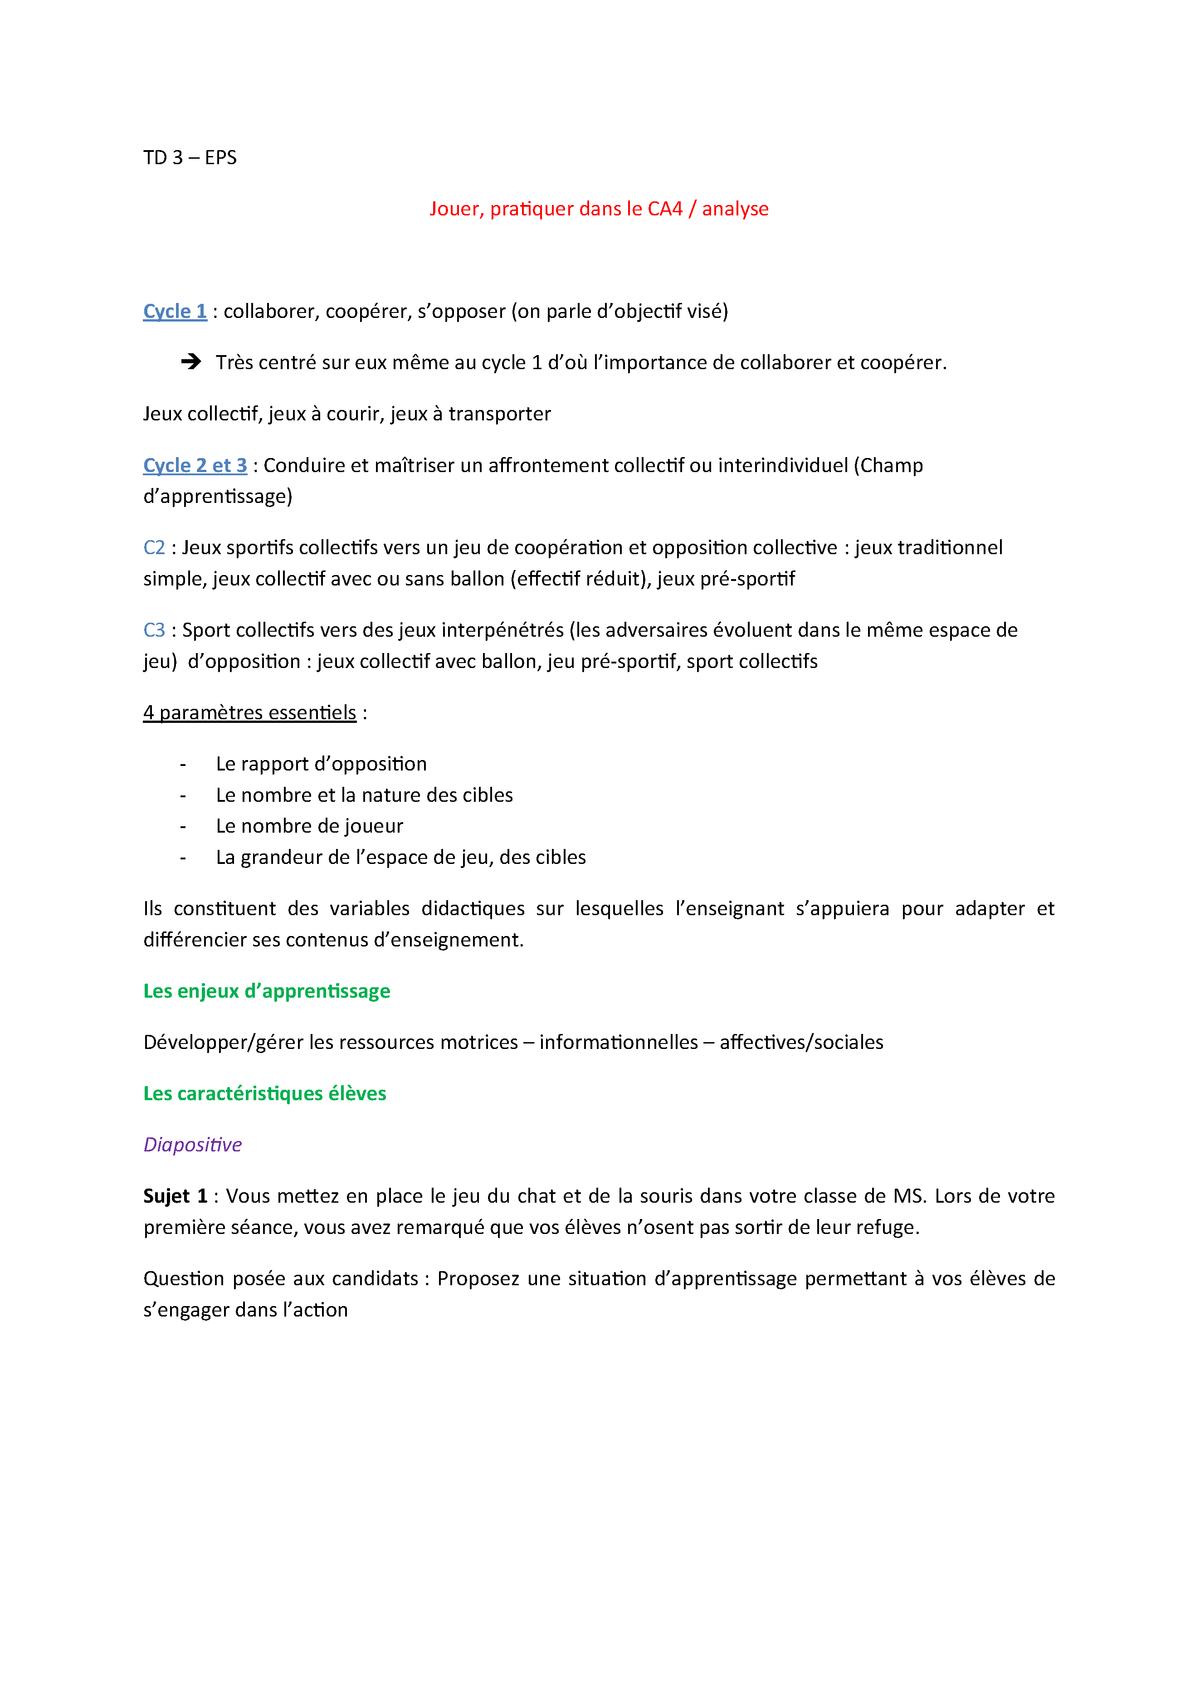 Td3 - Eps - Education Physique Et Sportive - Studocu tout Jeux Collectifs Cycle 3 Sans Ballon